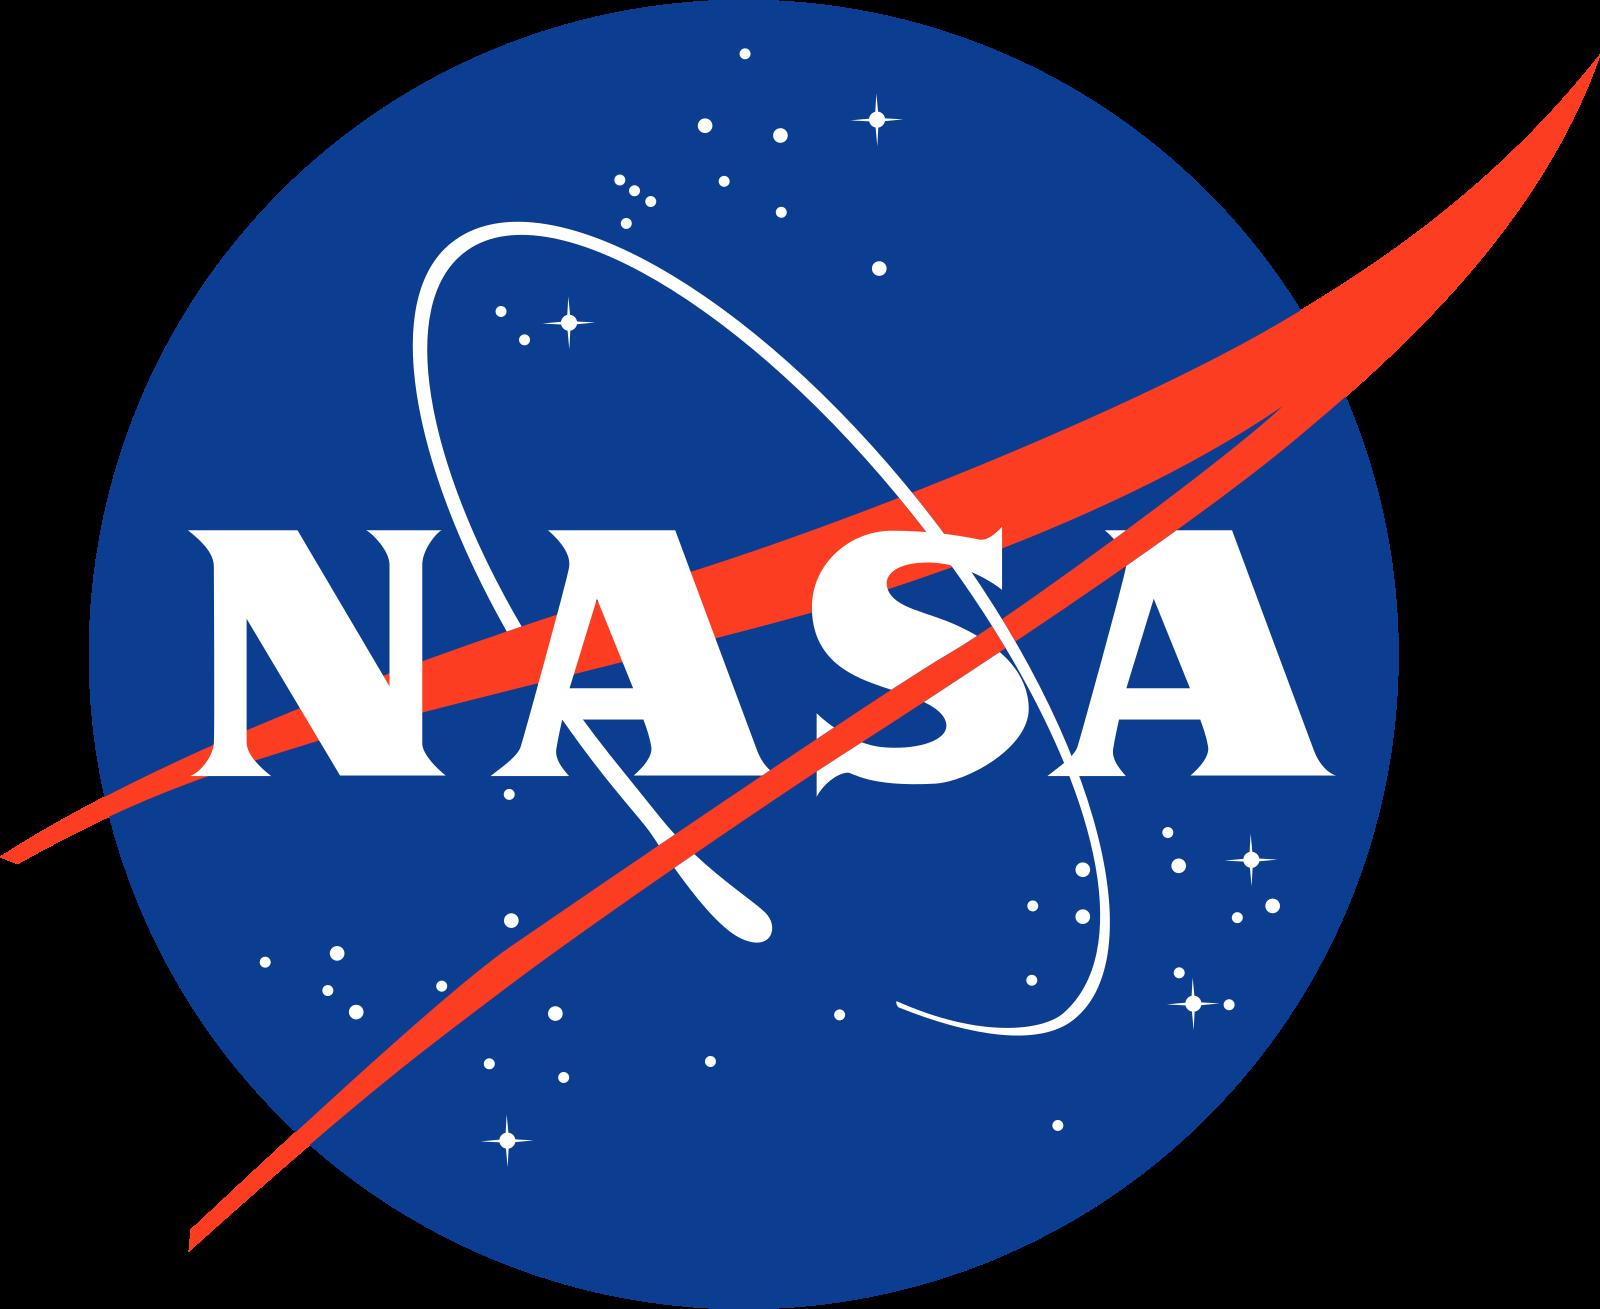 nasa logo 2 - Nasa Logo